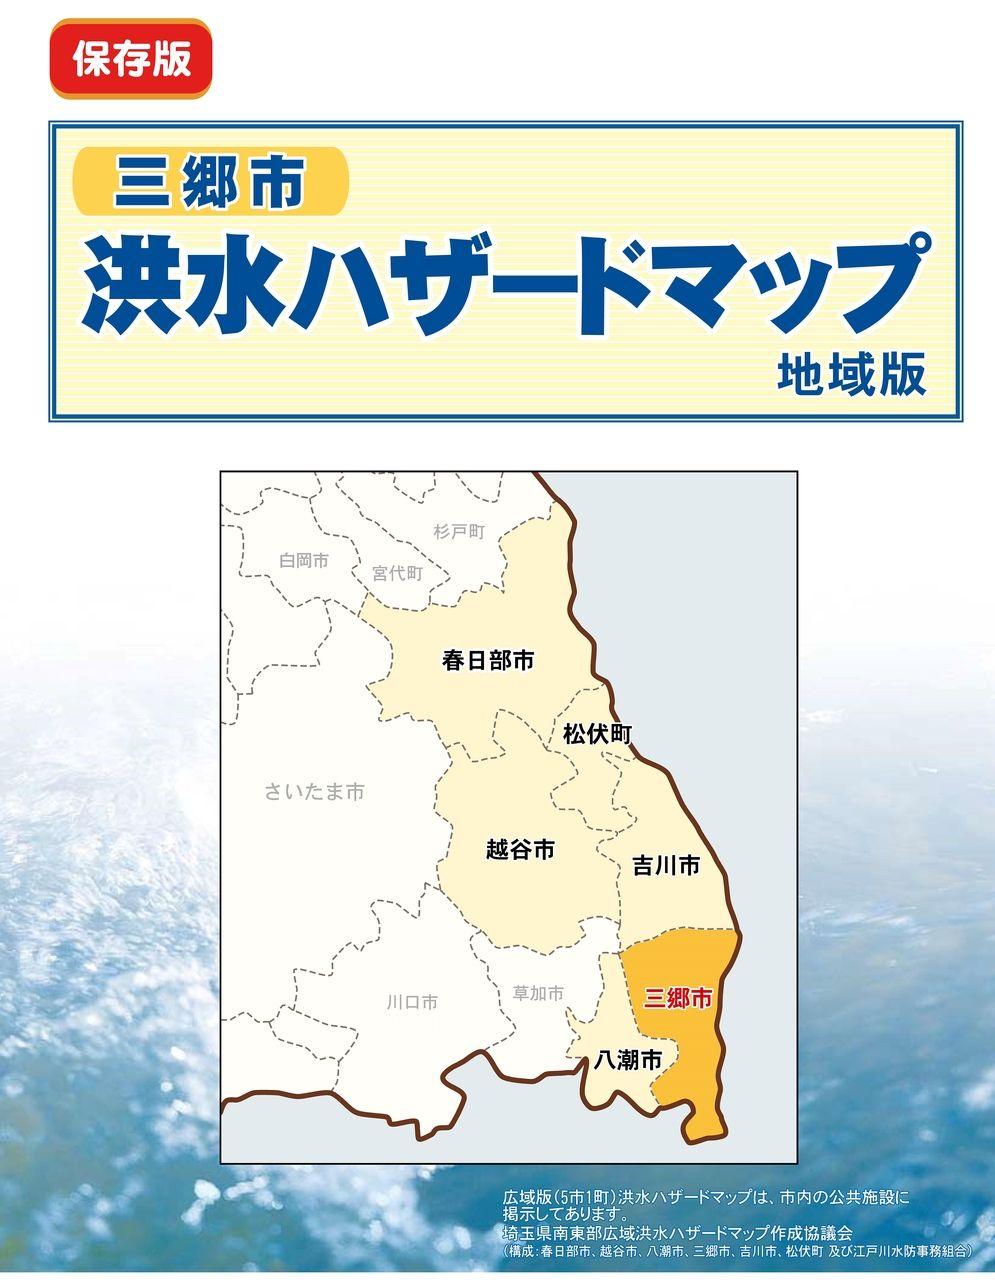 【みさと不動産プラス知っトク情報】三郷市洪水ハザードマップ